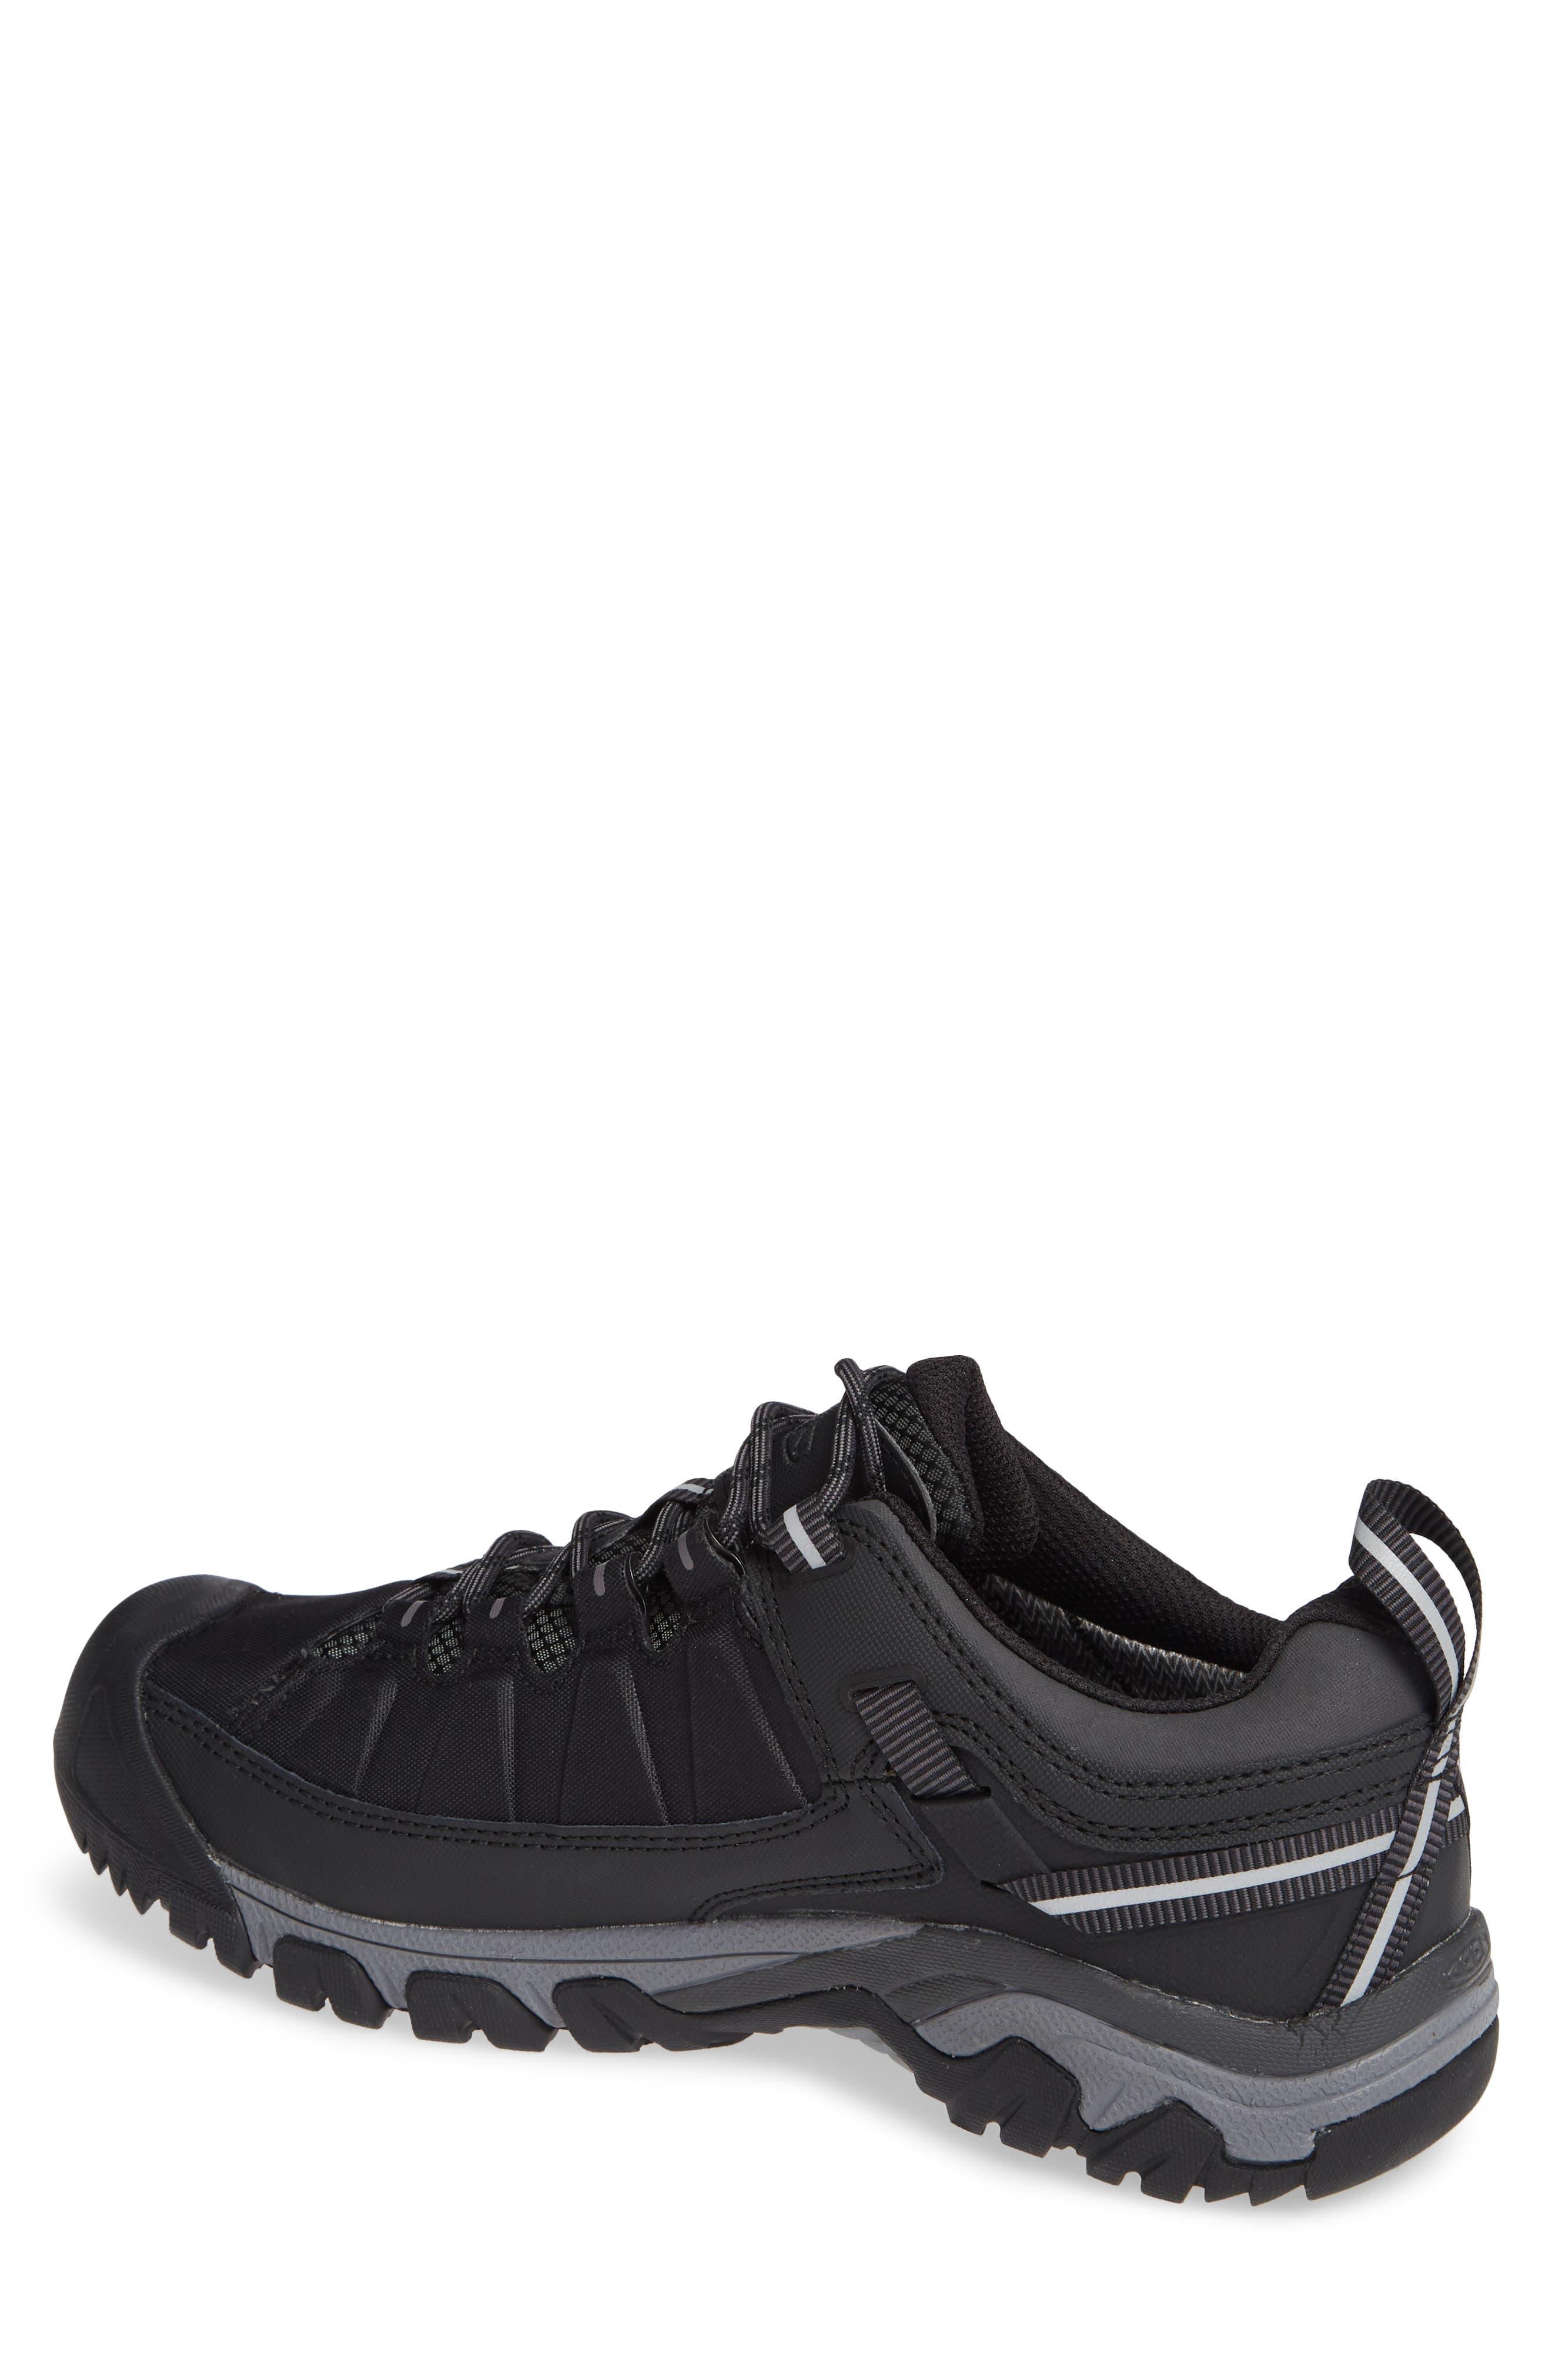 Targhee EXP Waterproof Hiking Shoe,                             Alternate thumbnail 2, color,                             BLACK/ STEEL GREY